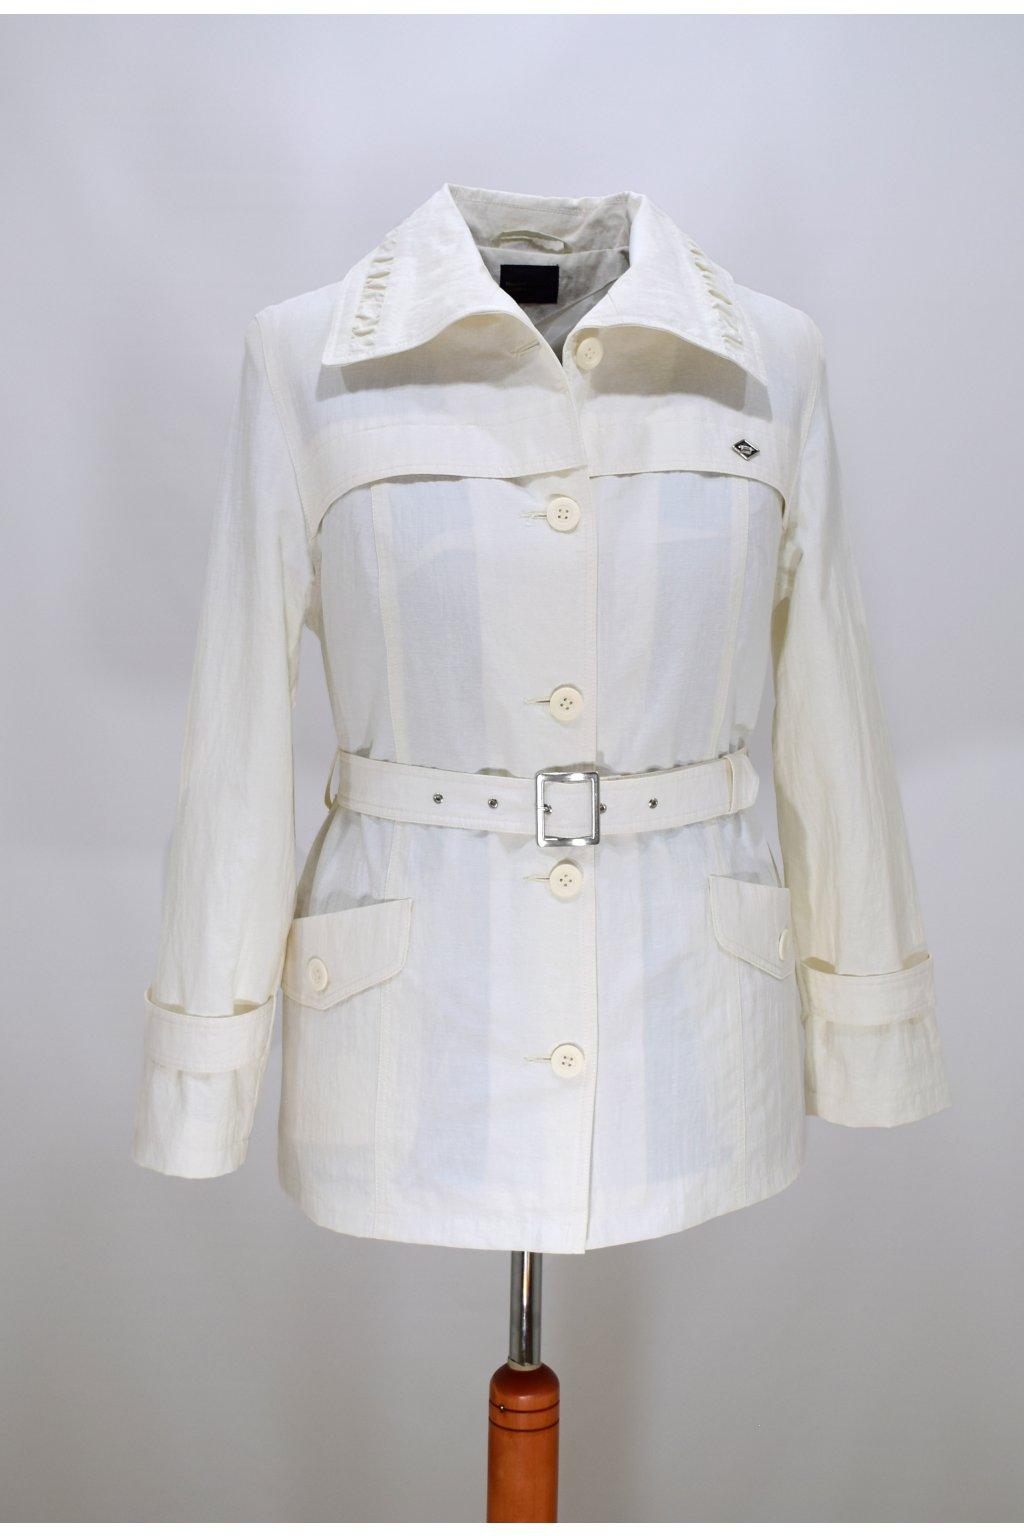 Dámský jarní bílý kabátek Denisa nadměrné velikosti.